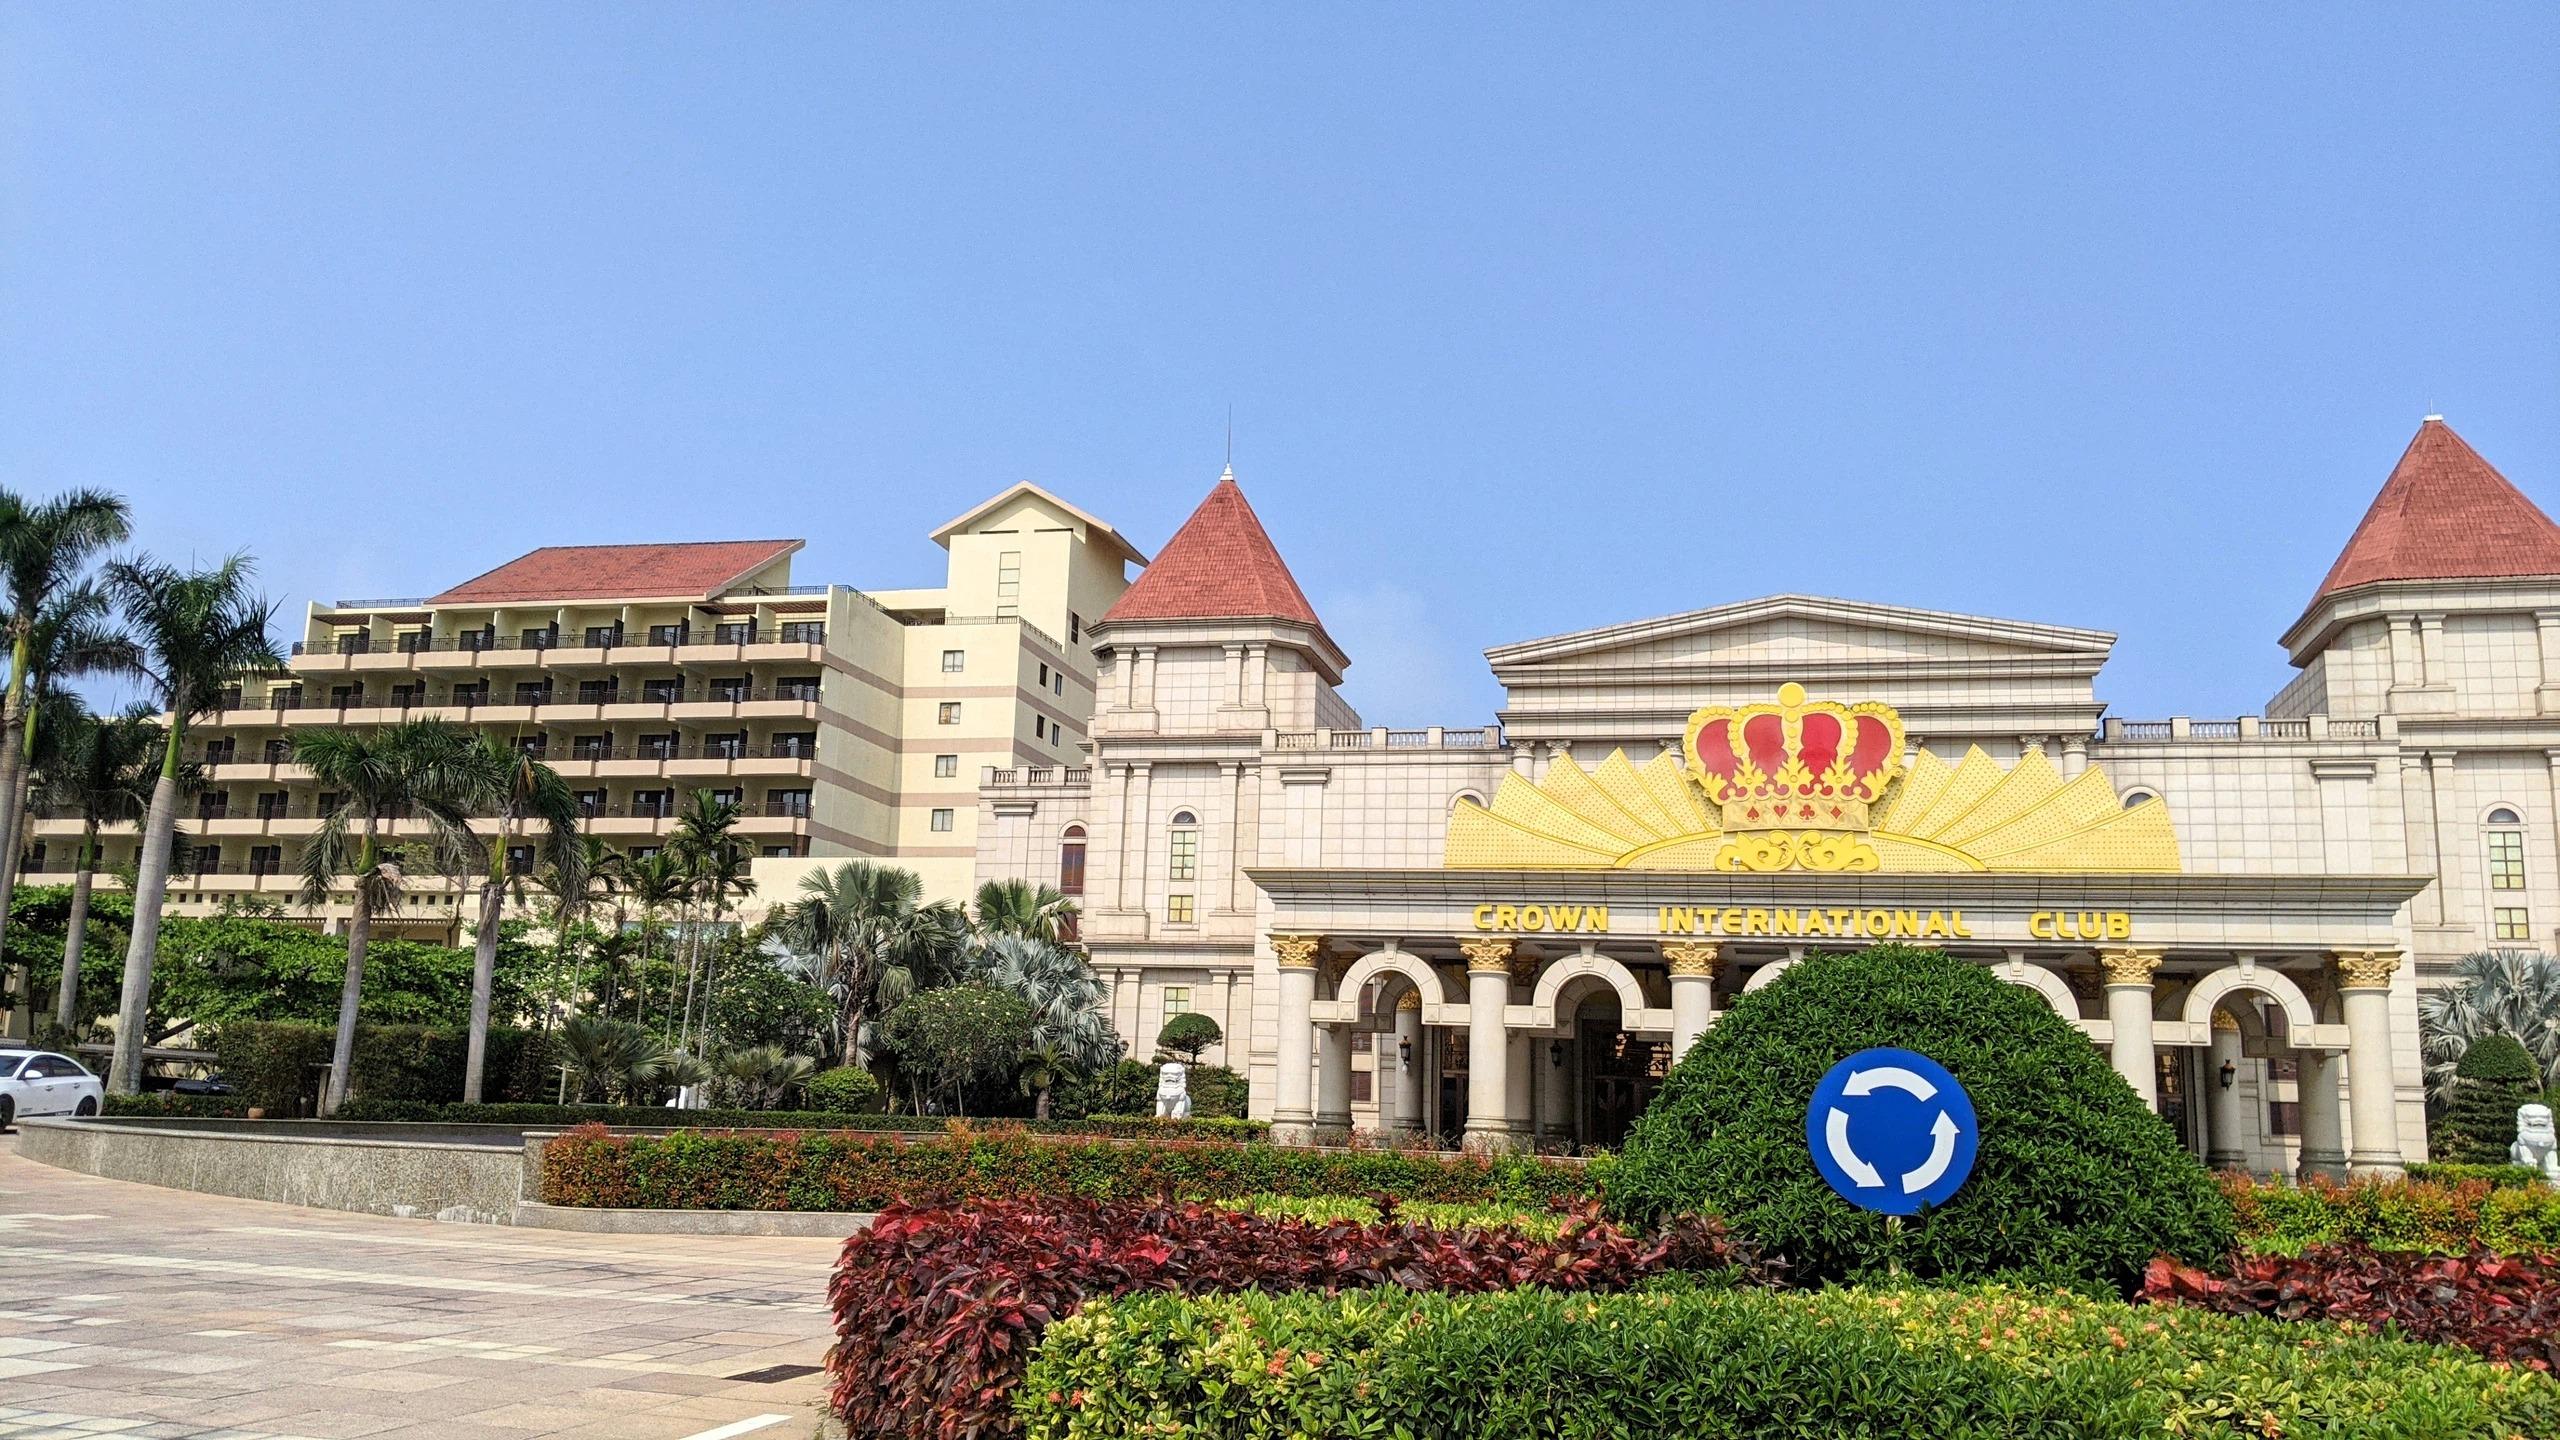 Casino Silver Shores và Nam Hội An nộp ngân sách nhà nước gần 380 tỷ đồng - Ảnh 1.